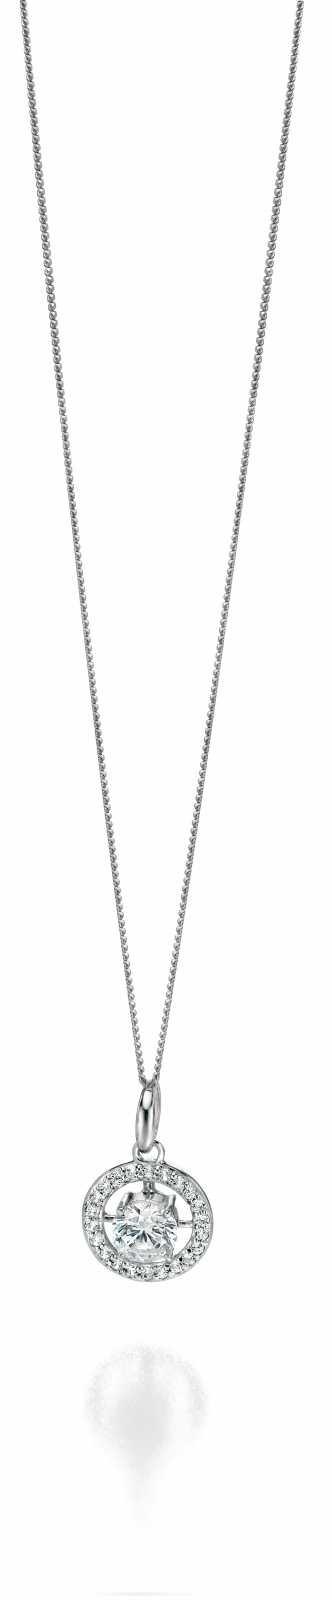 Fiorelli Silver Round Pave Cubic Zirconia Pendant P3962C